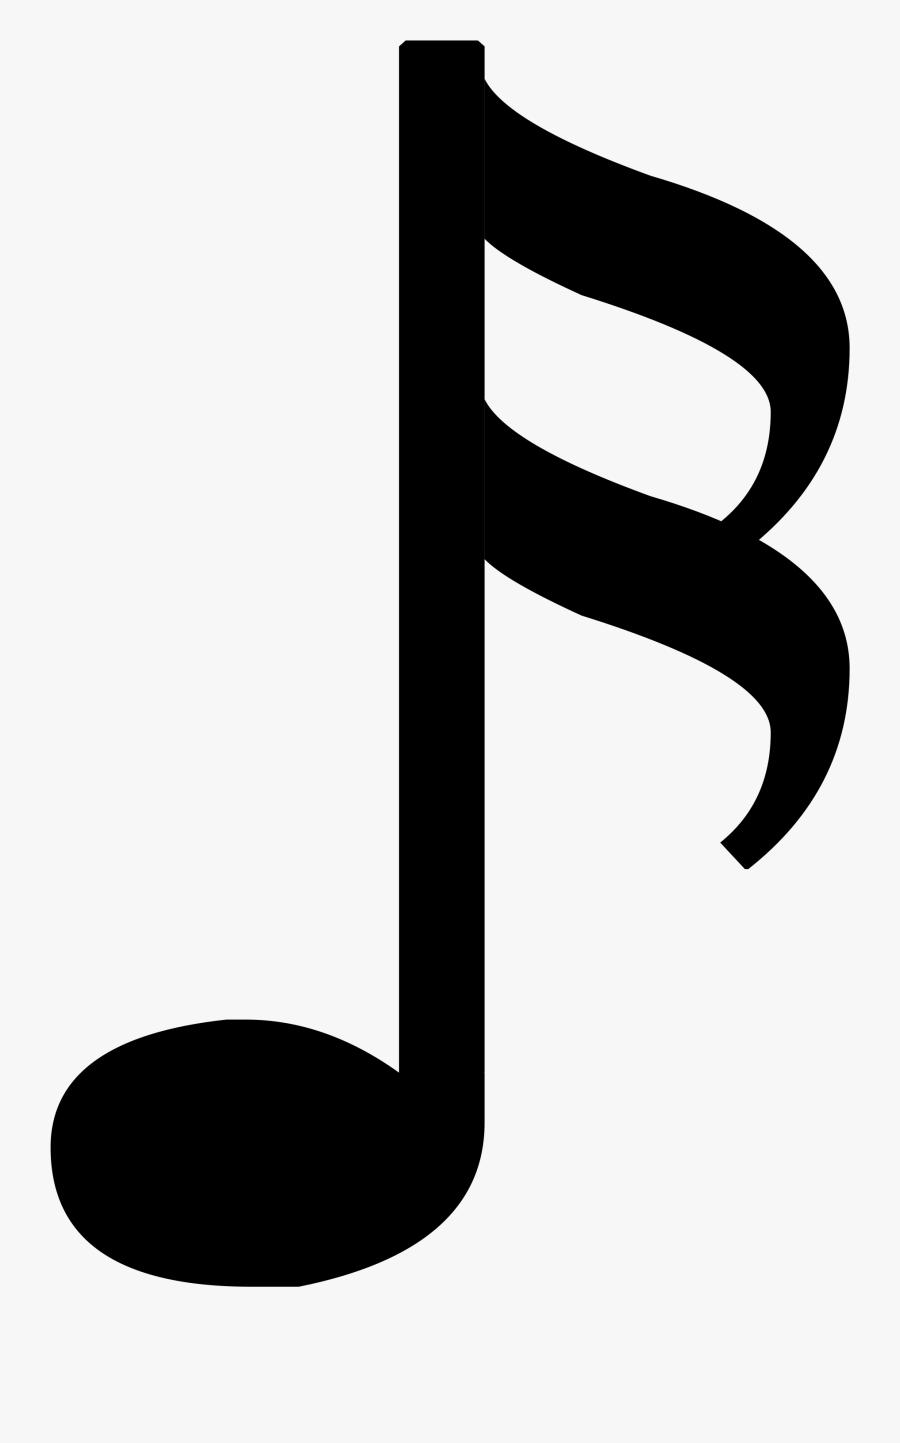 Note Clipart Quaver - 1 8 Music Note, Transparent Clipart